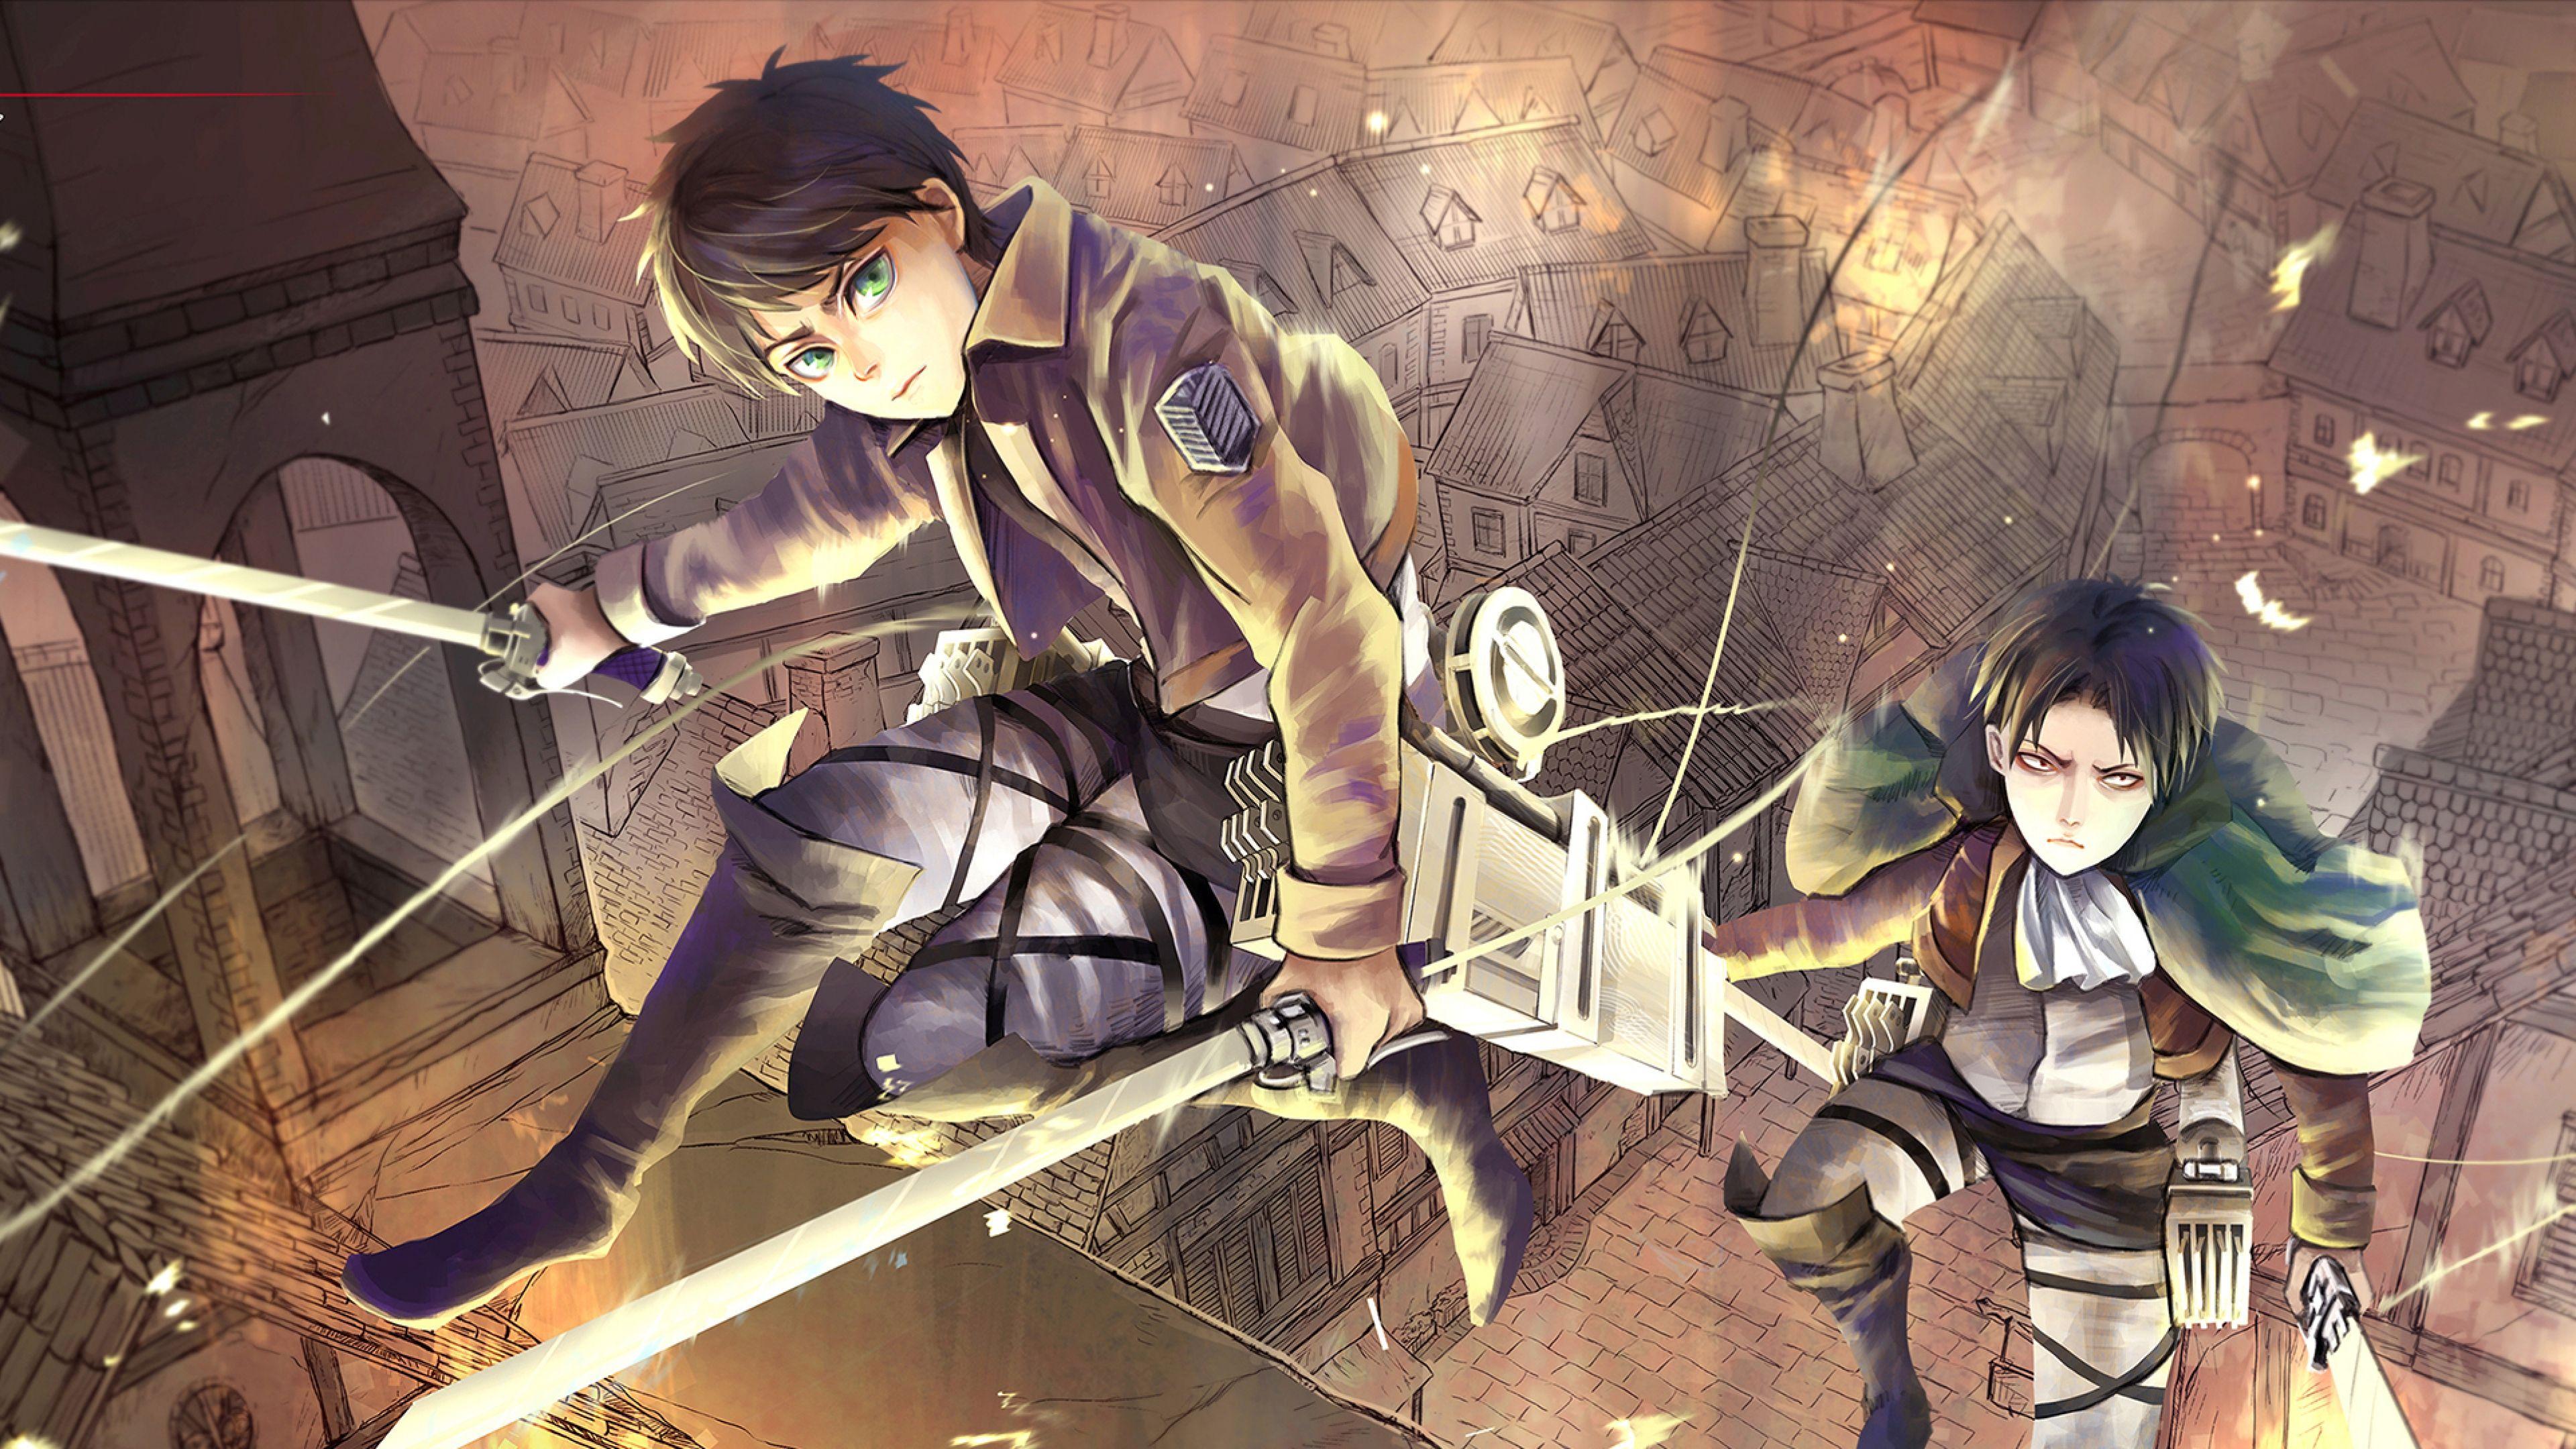 Anime Shingeki No Kyojin Wallpaper